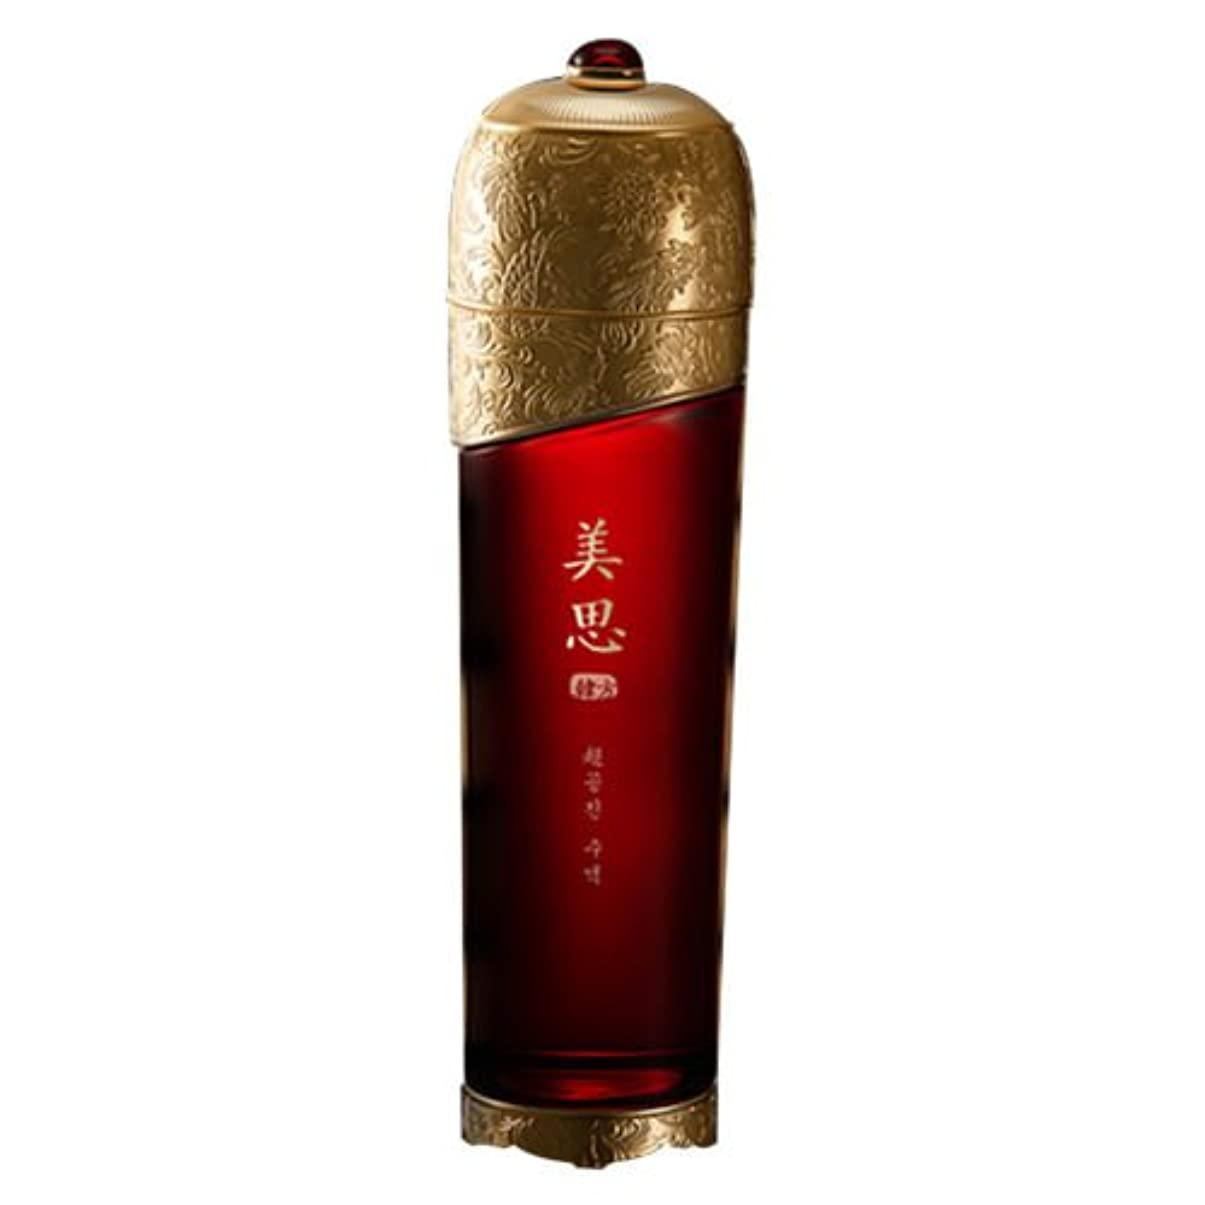 ドライブ水曜日ピカリングMISSHA(ミシャ)美思 韓方 旧チョボヤン (超)チョゴンジン 化粧水 基礎化粧品 スキンケア